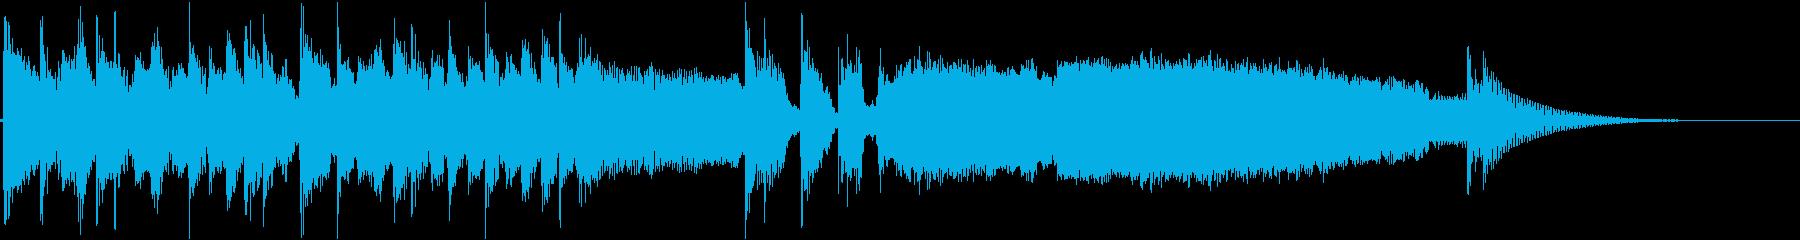 疾走感のあるギターロックのジングルの再生済みの波形